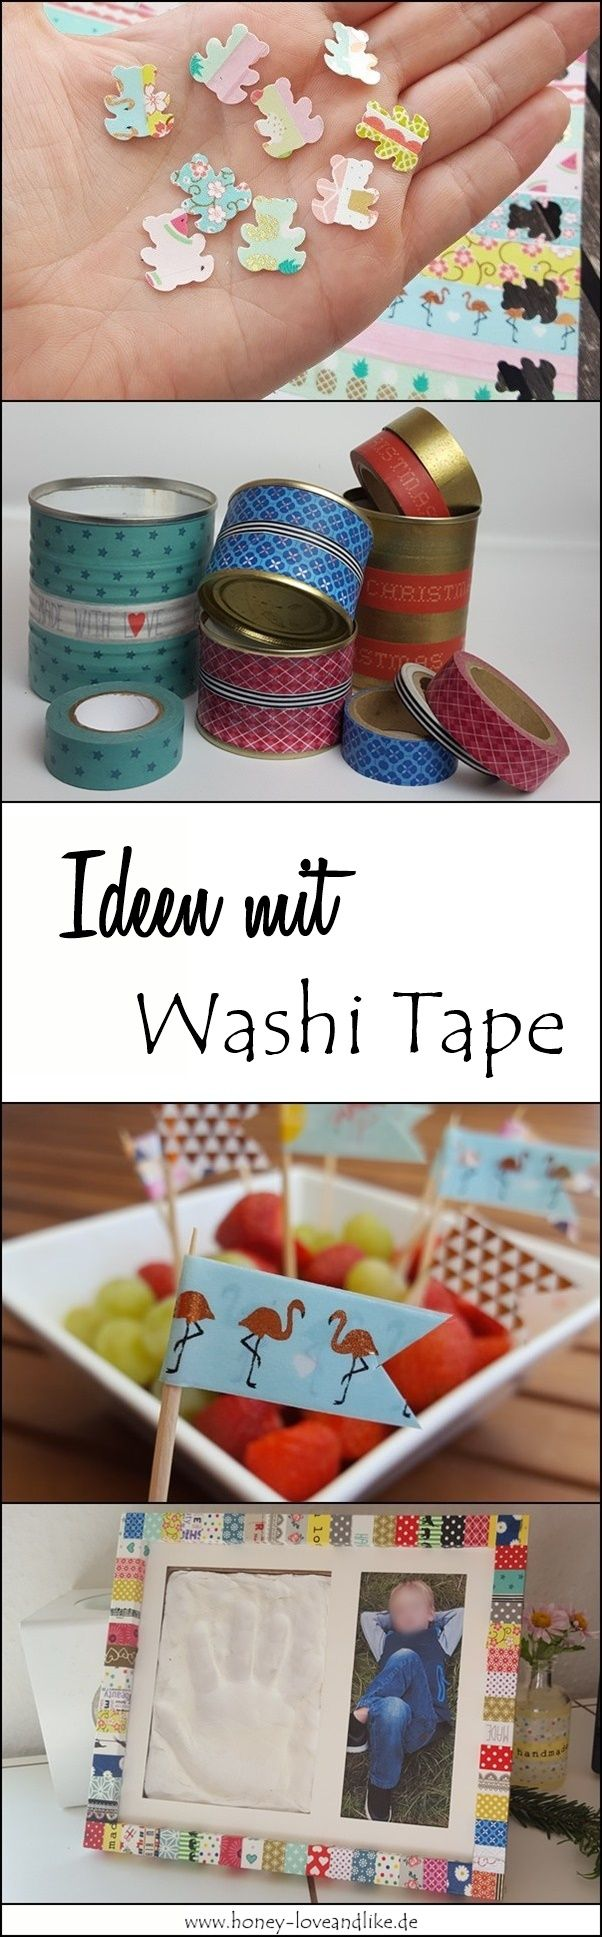 Das kannst du alles mit Washi Tape machen!